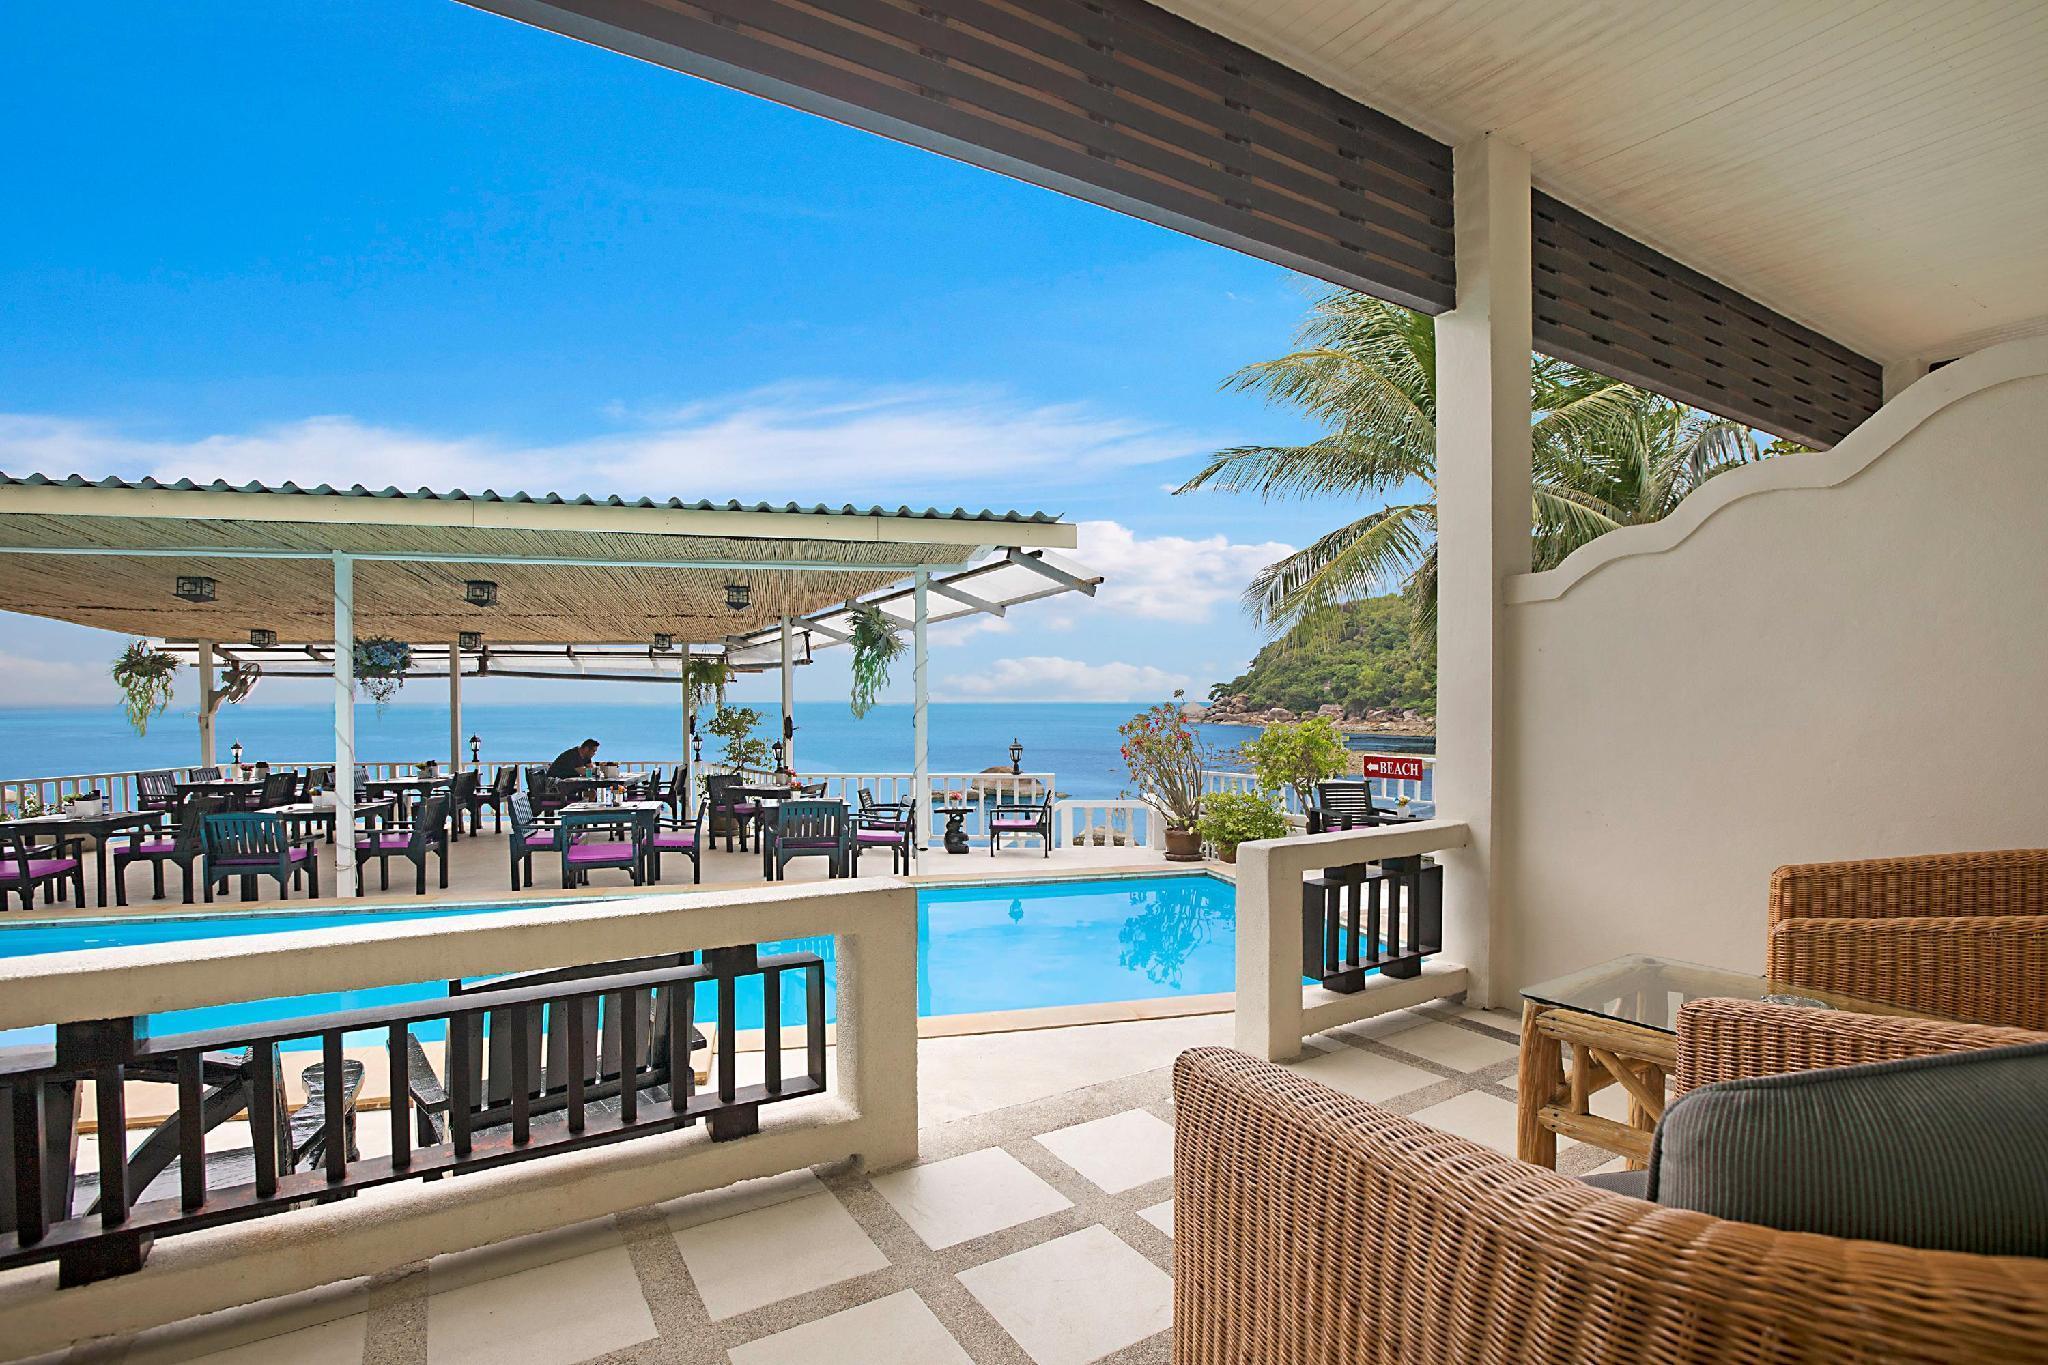 Crystal Bay Beach Resort, Ko Samui